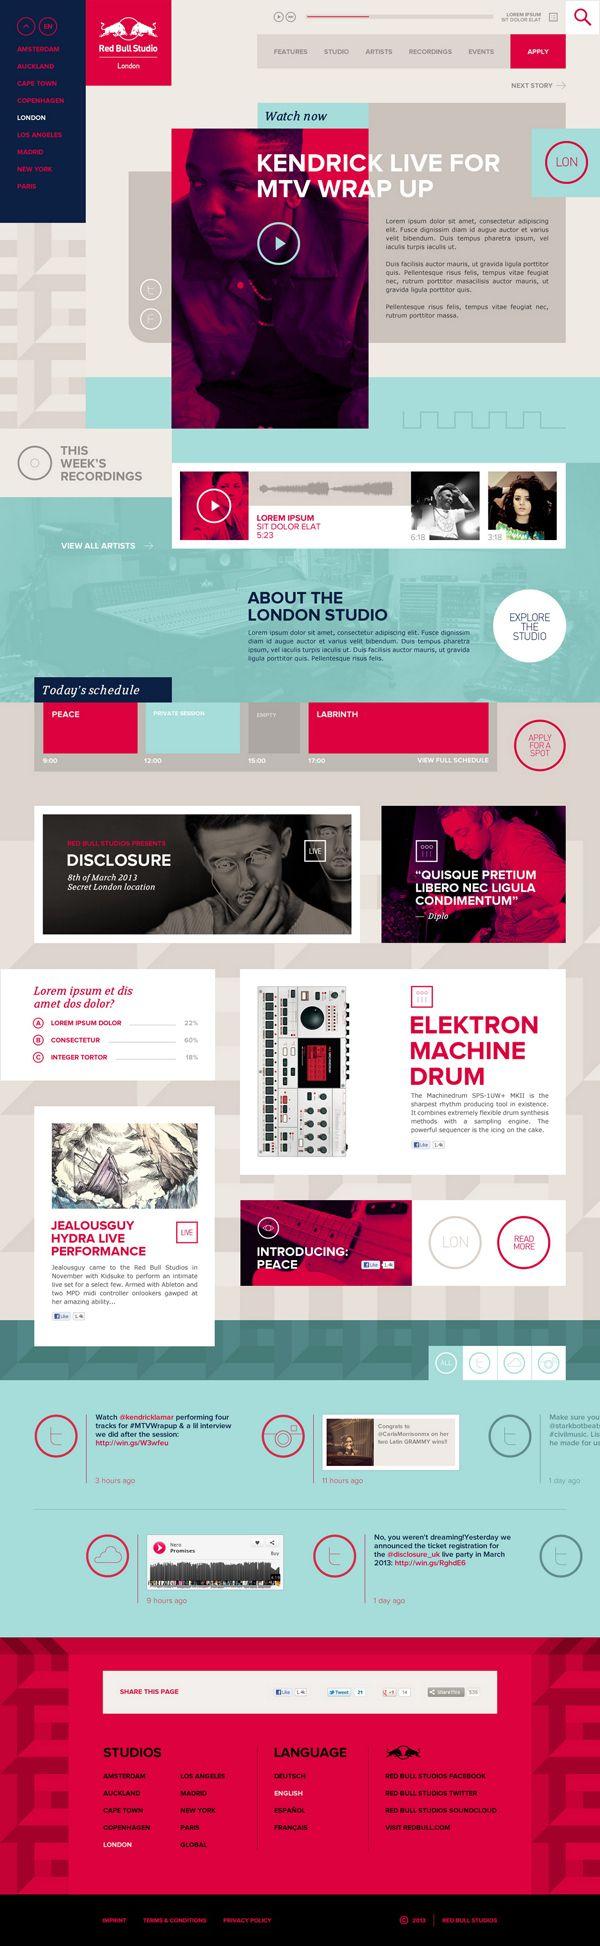 33 best Webdesign images on Pinterest | Design web, Design websites ...